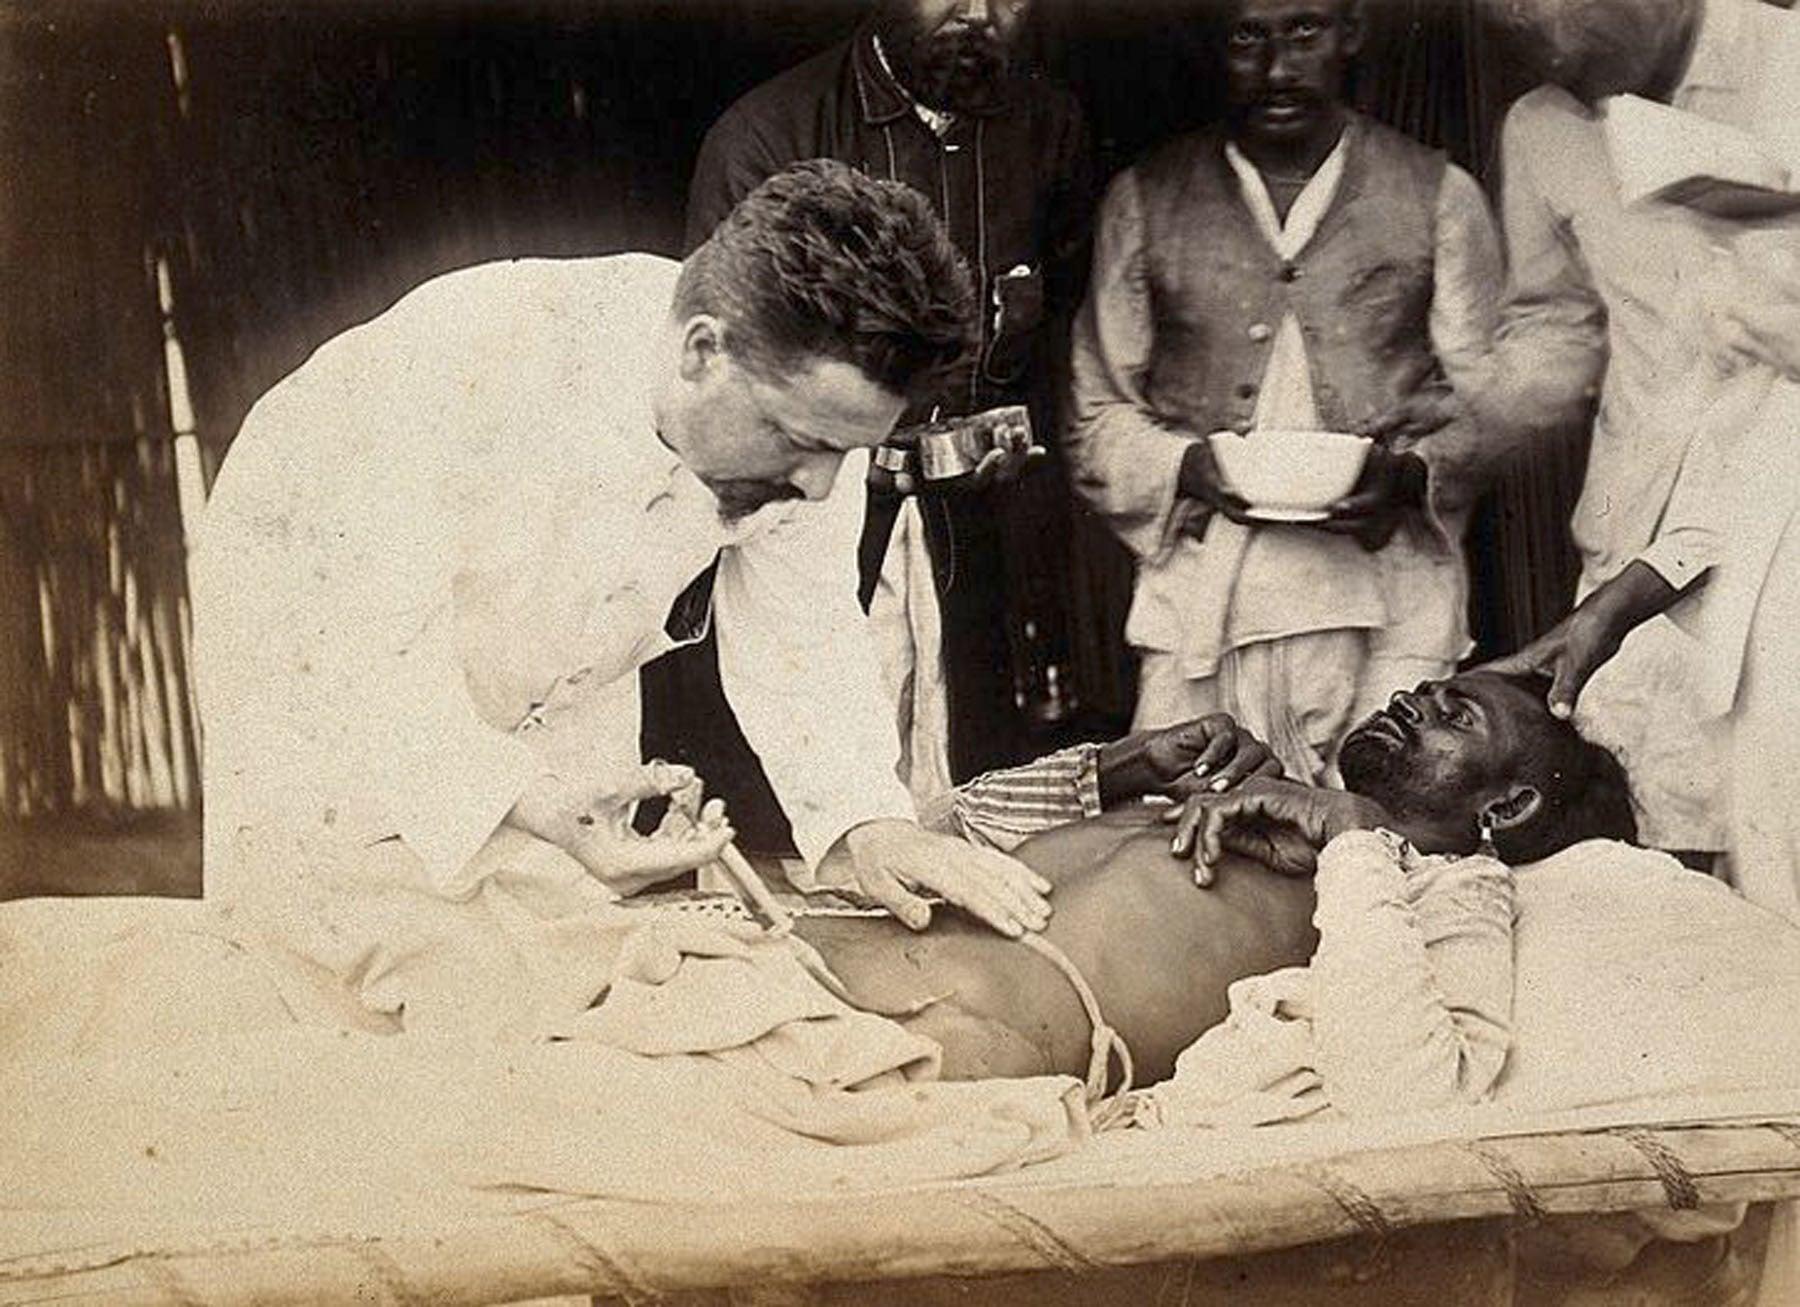 کراچی میں طاعون کا مریض—Wellcome Library archive collection